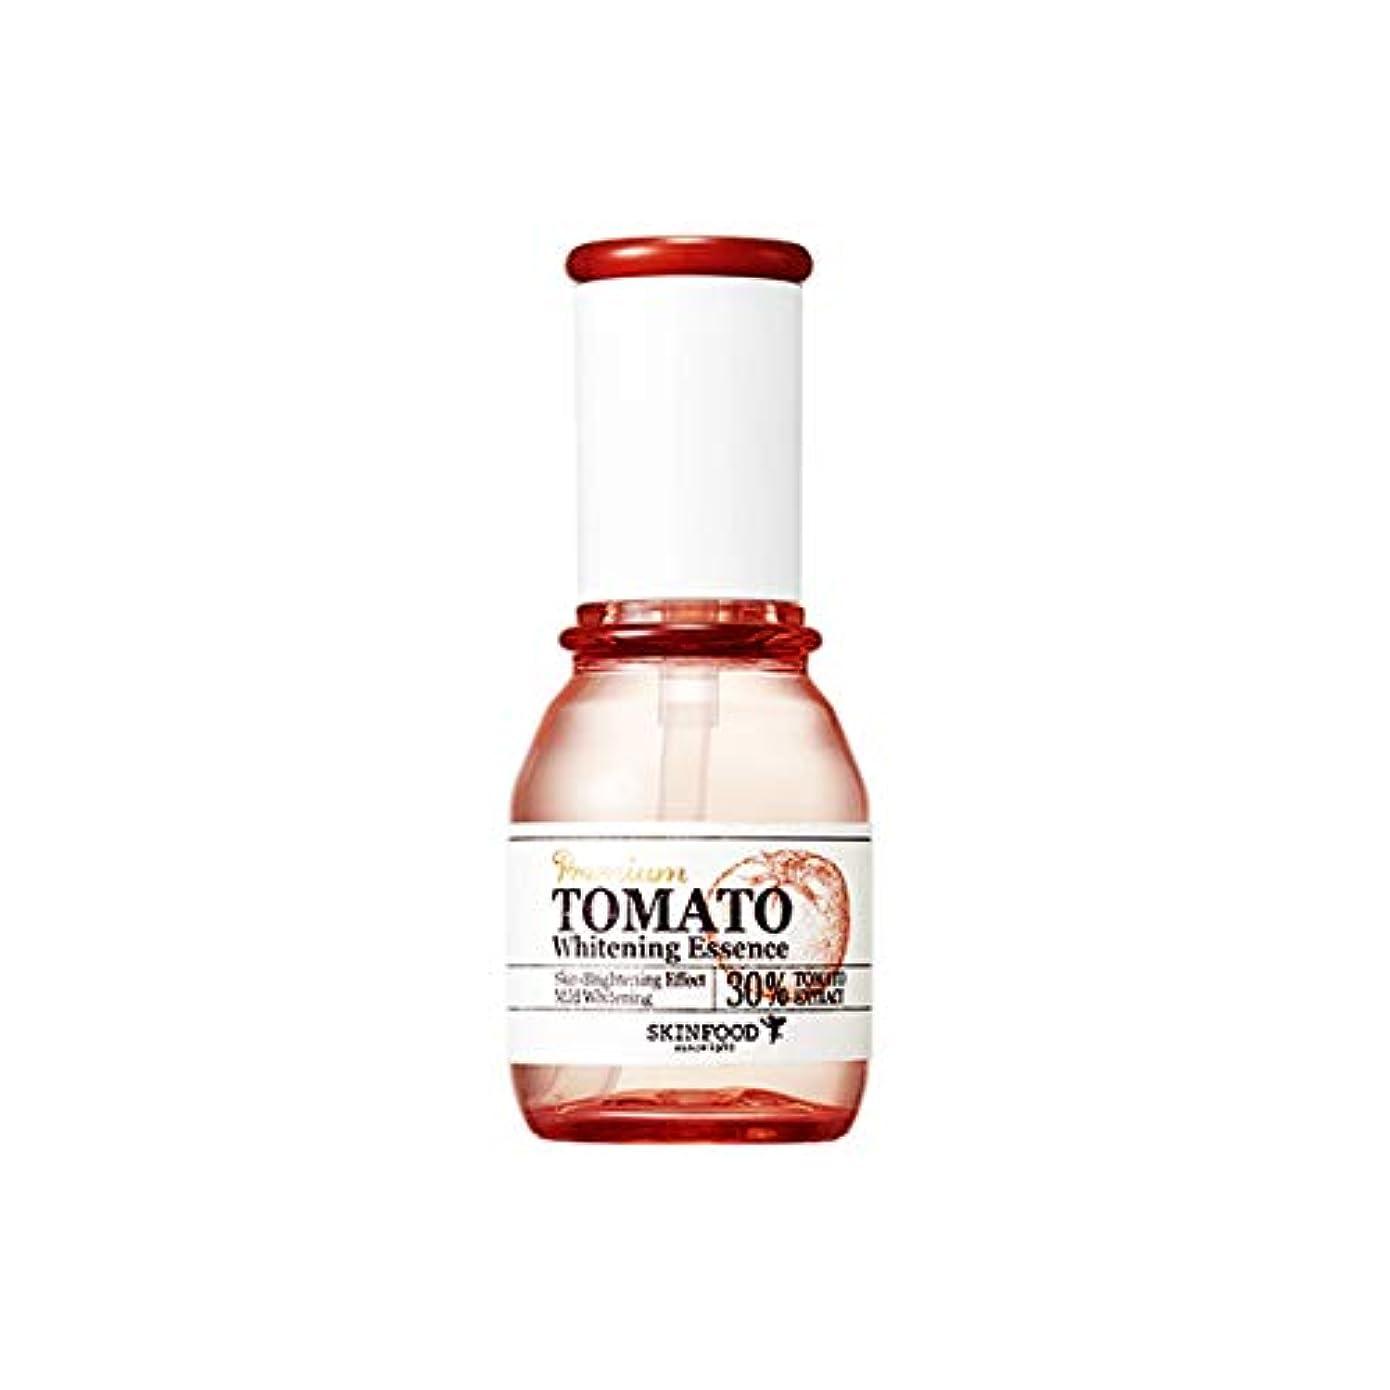 グラフ忌まわしい会計士Skinfood プレミアムトマトホワイトニングエッセンス(美白効果) / Premium Tomato Whitening Essence (Skin-Brightening Effect)50ml [並行輸入品]